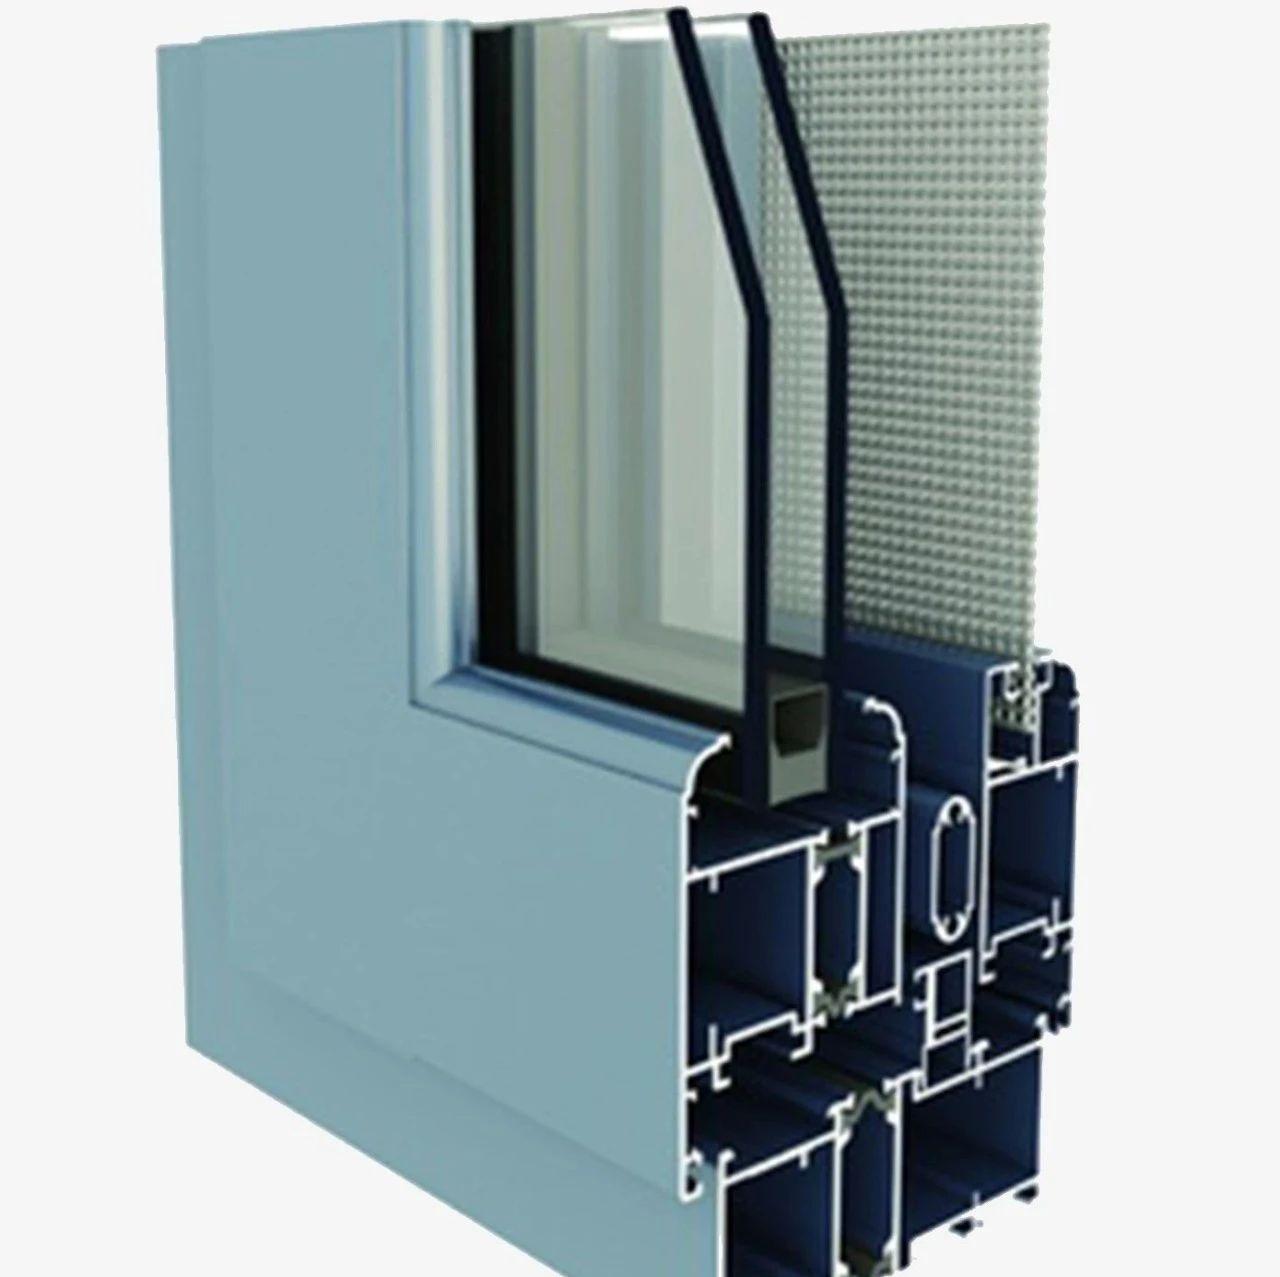 继承27年绿色理念,广源坚守健康推出环保铝型材系列产品